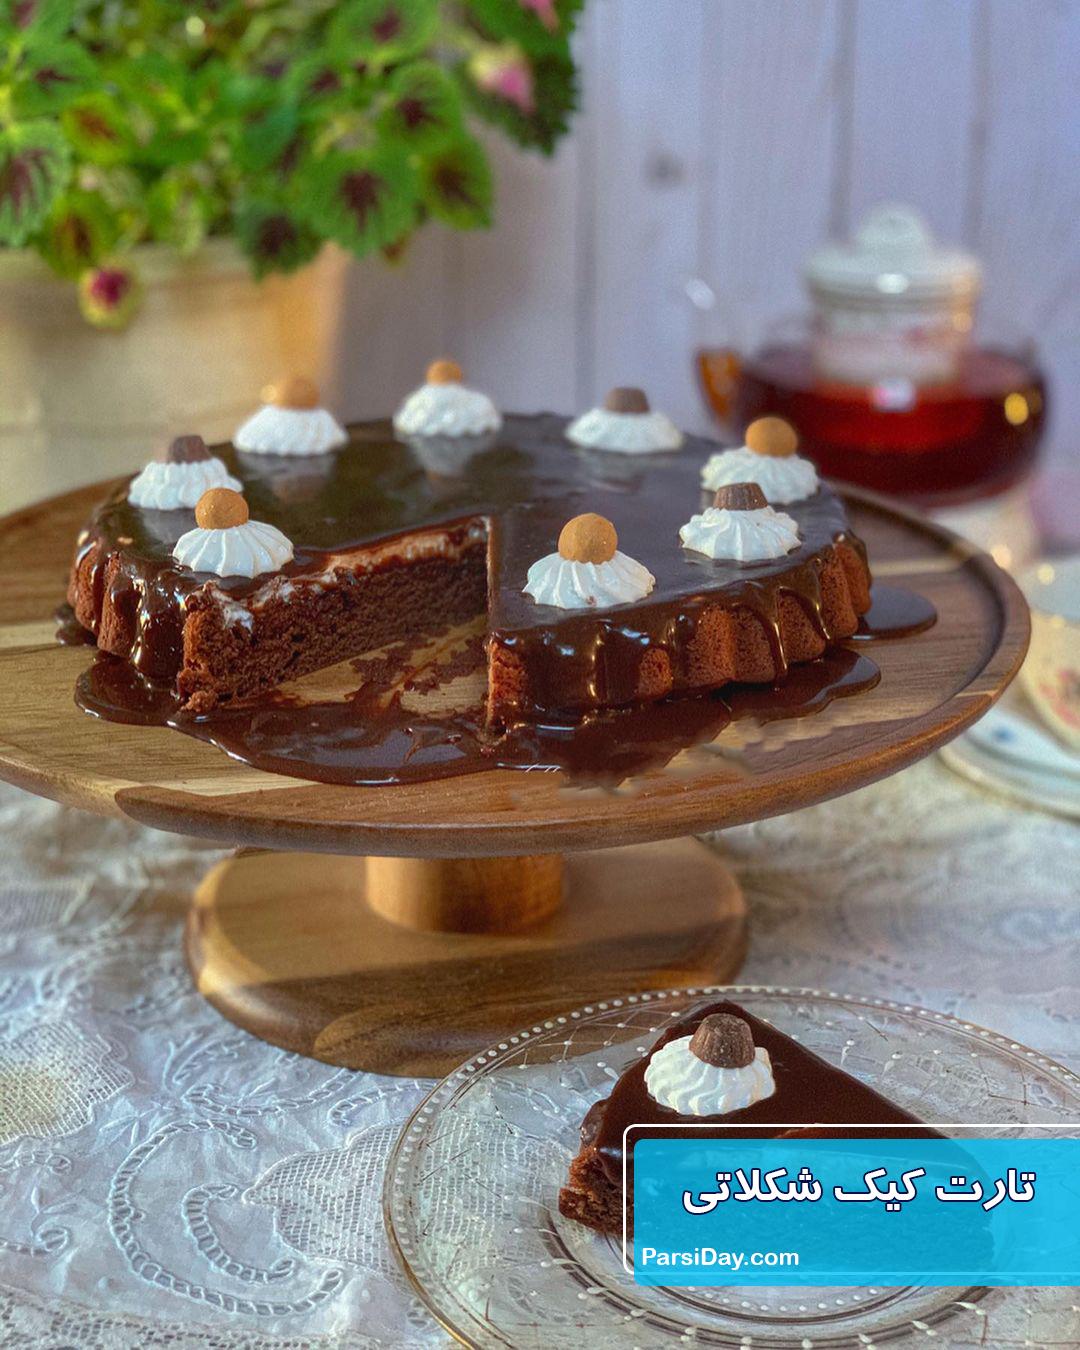 طرز تهیه تارت کیک شکلاتی ساده و خوشمزه بدون خامه